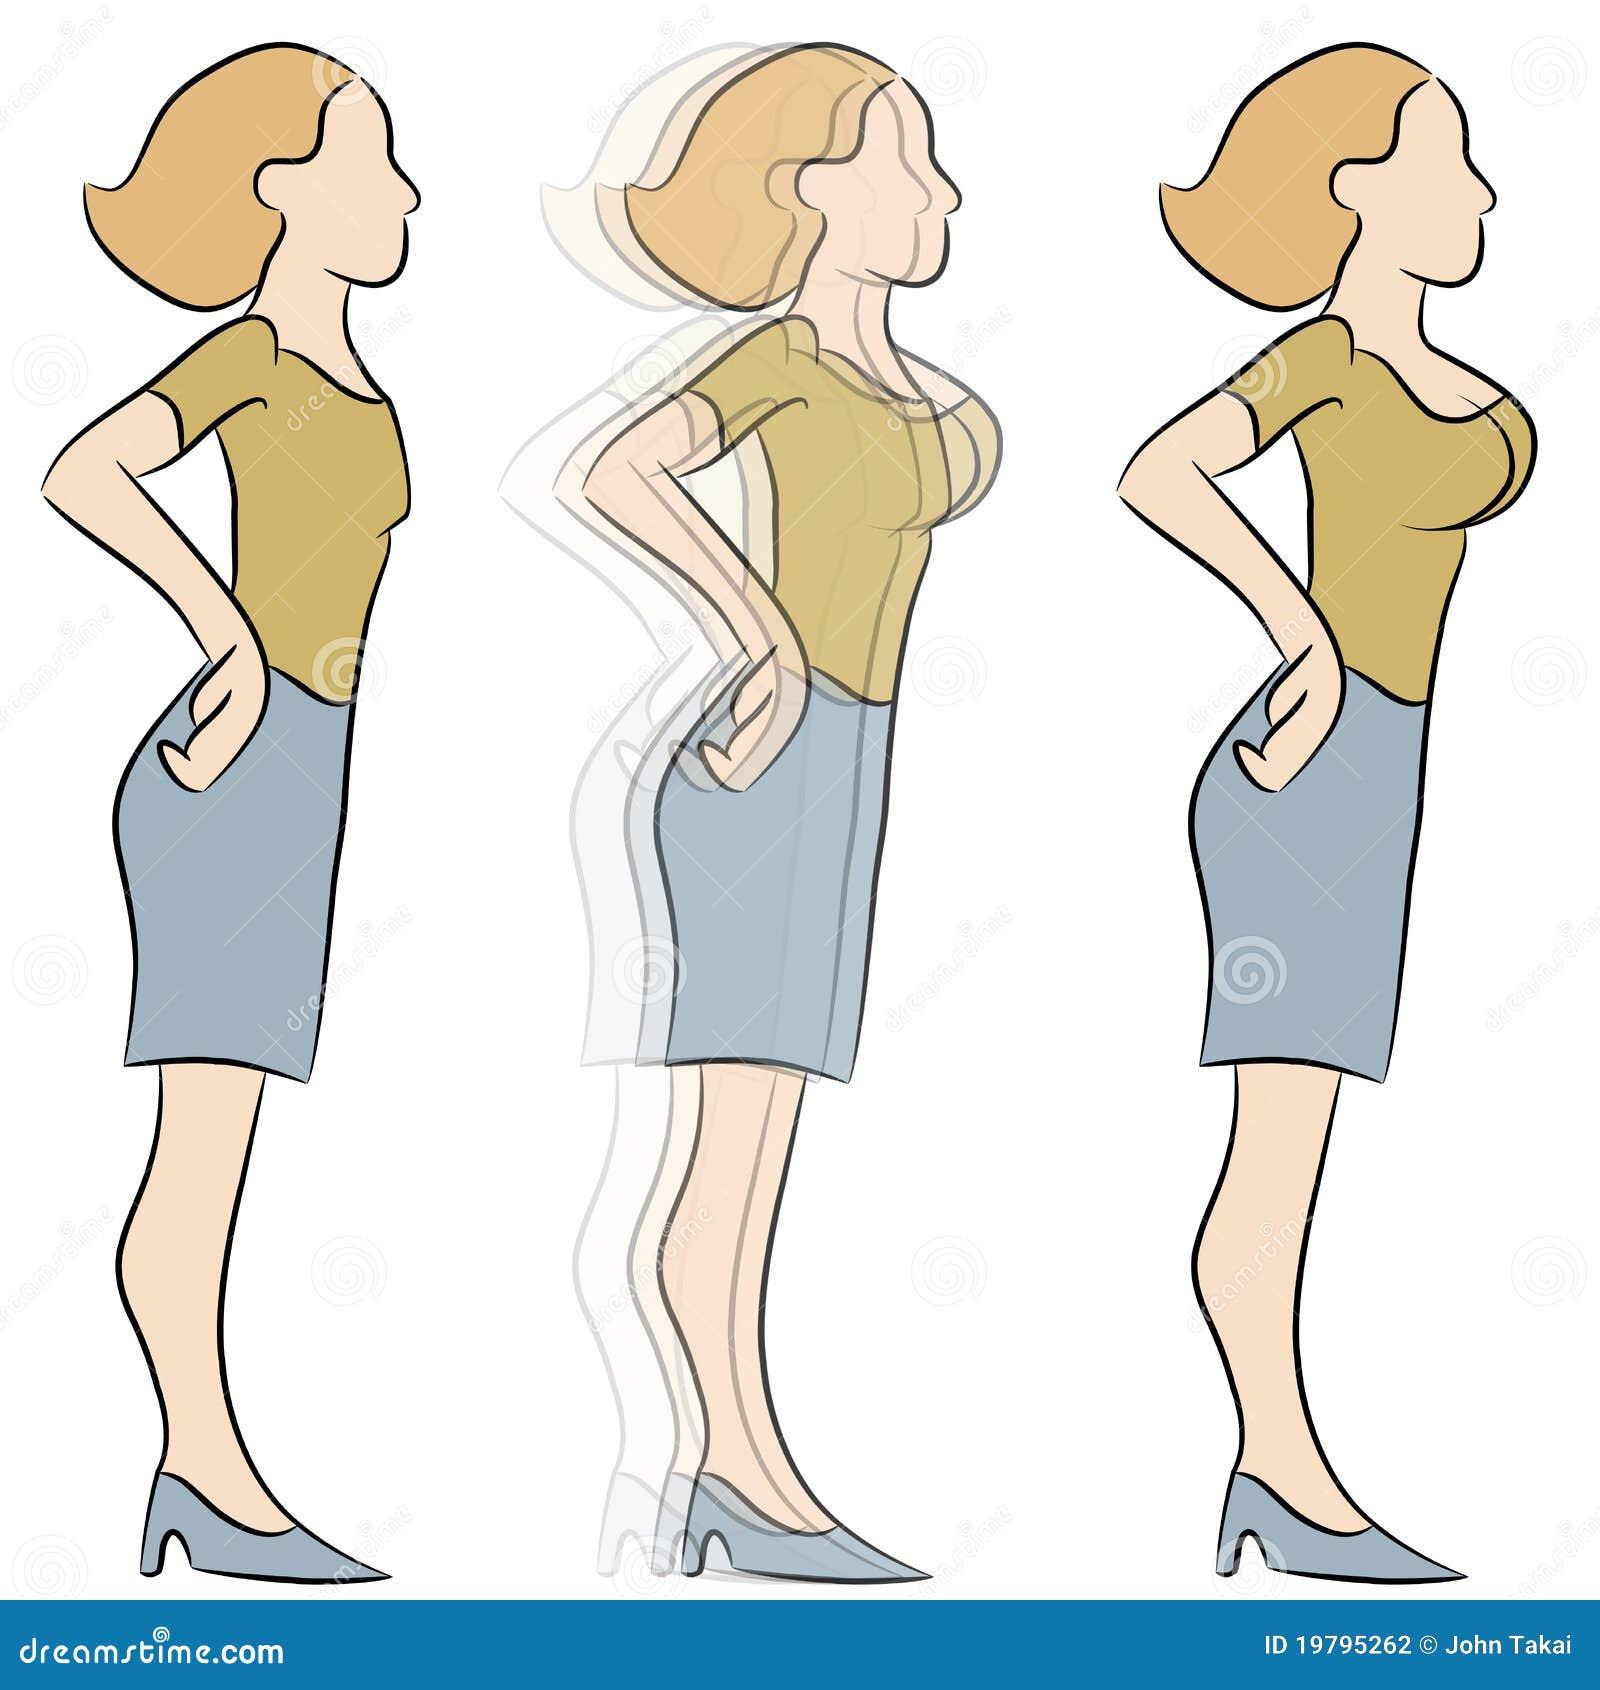 Breast Enlargement Transformation Stock Vector - Illustration of ...